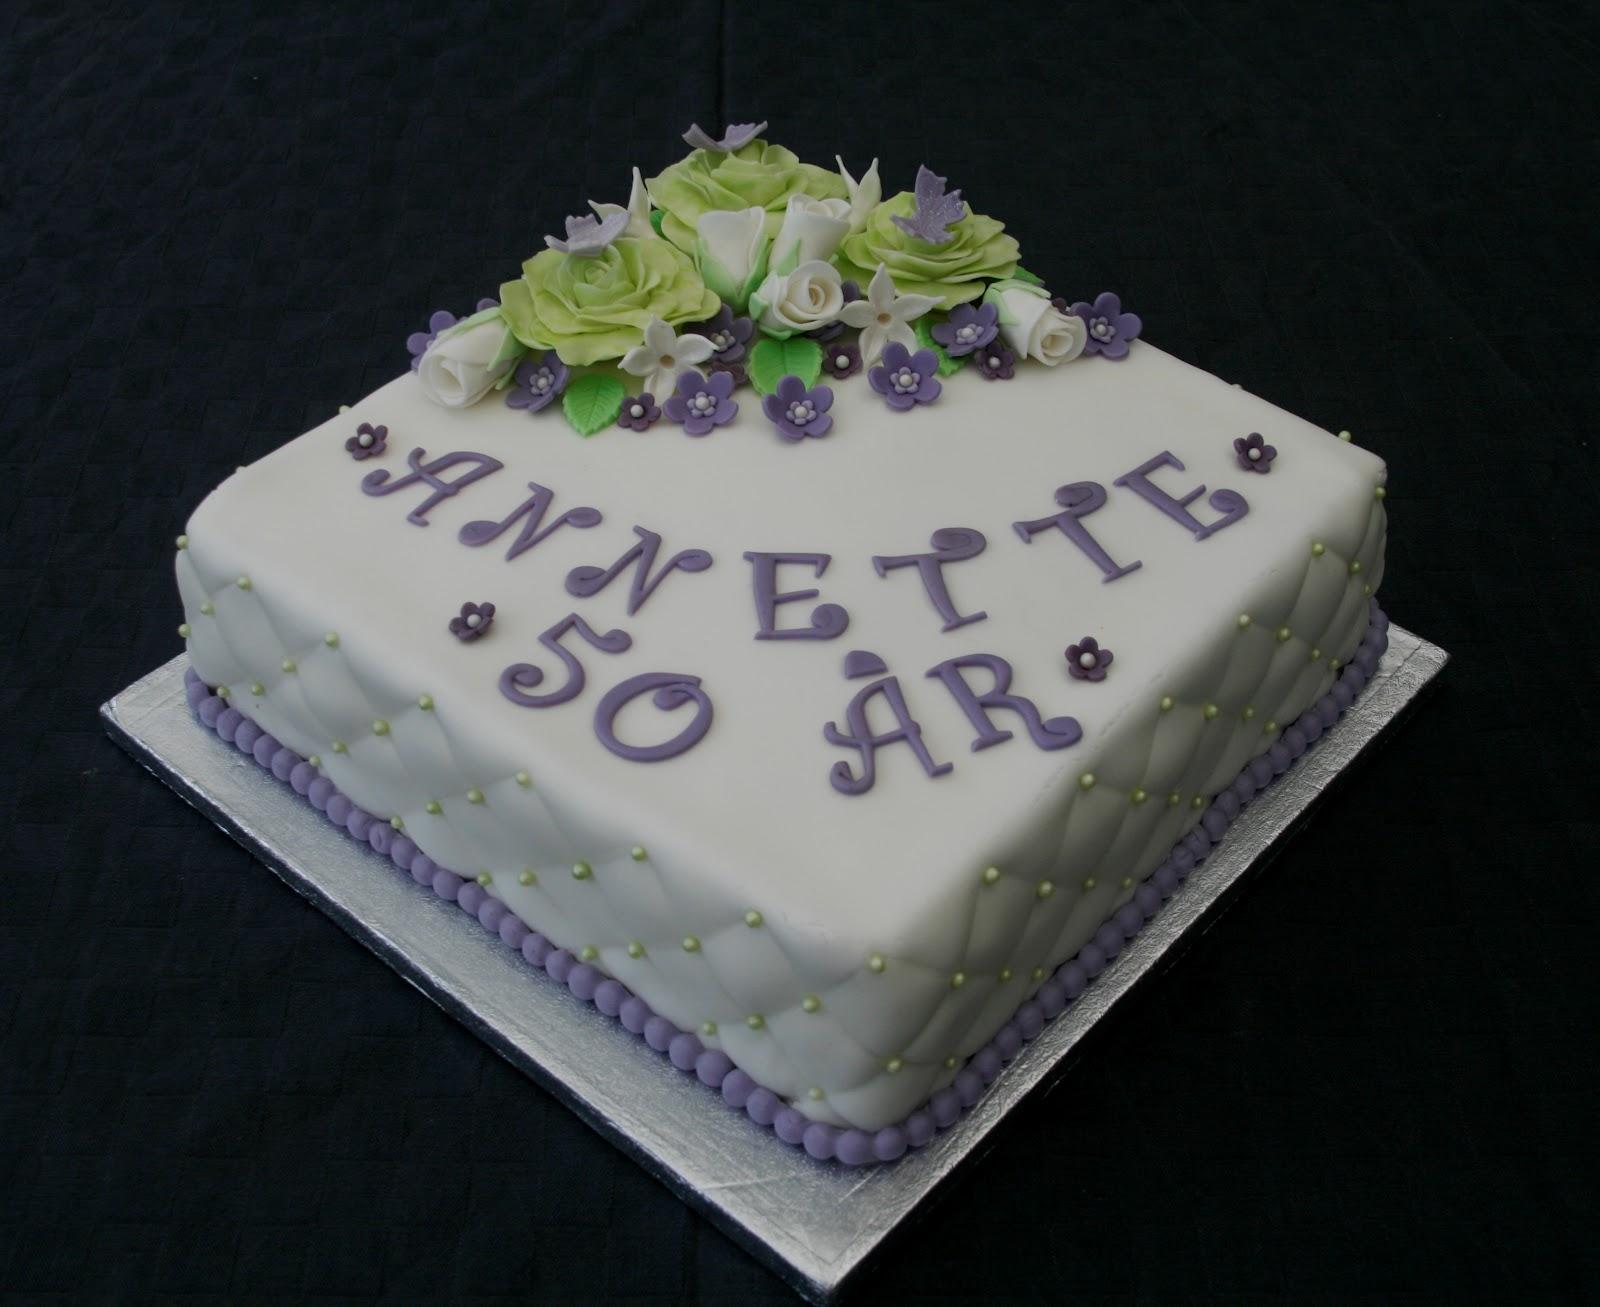 fødselsdagskage 50 år